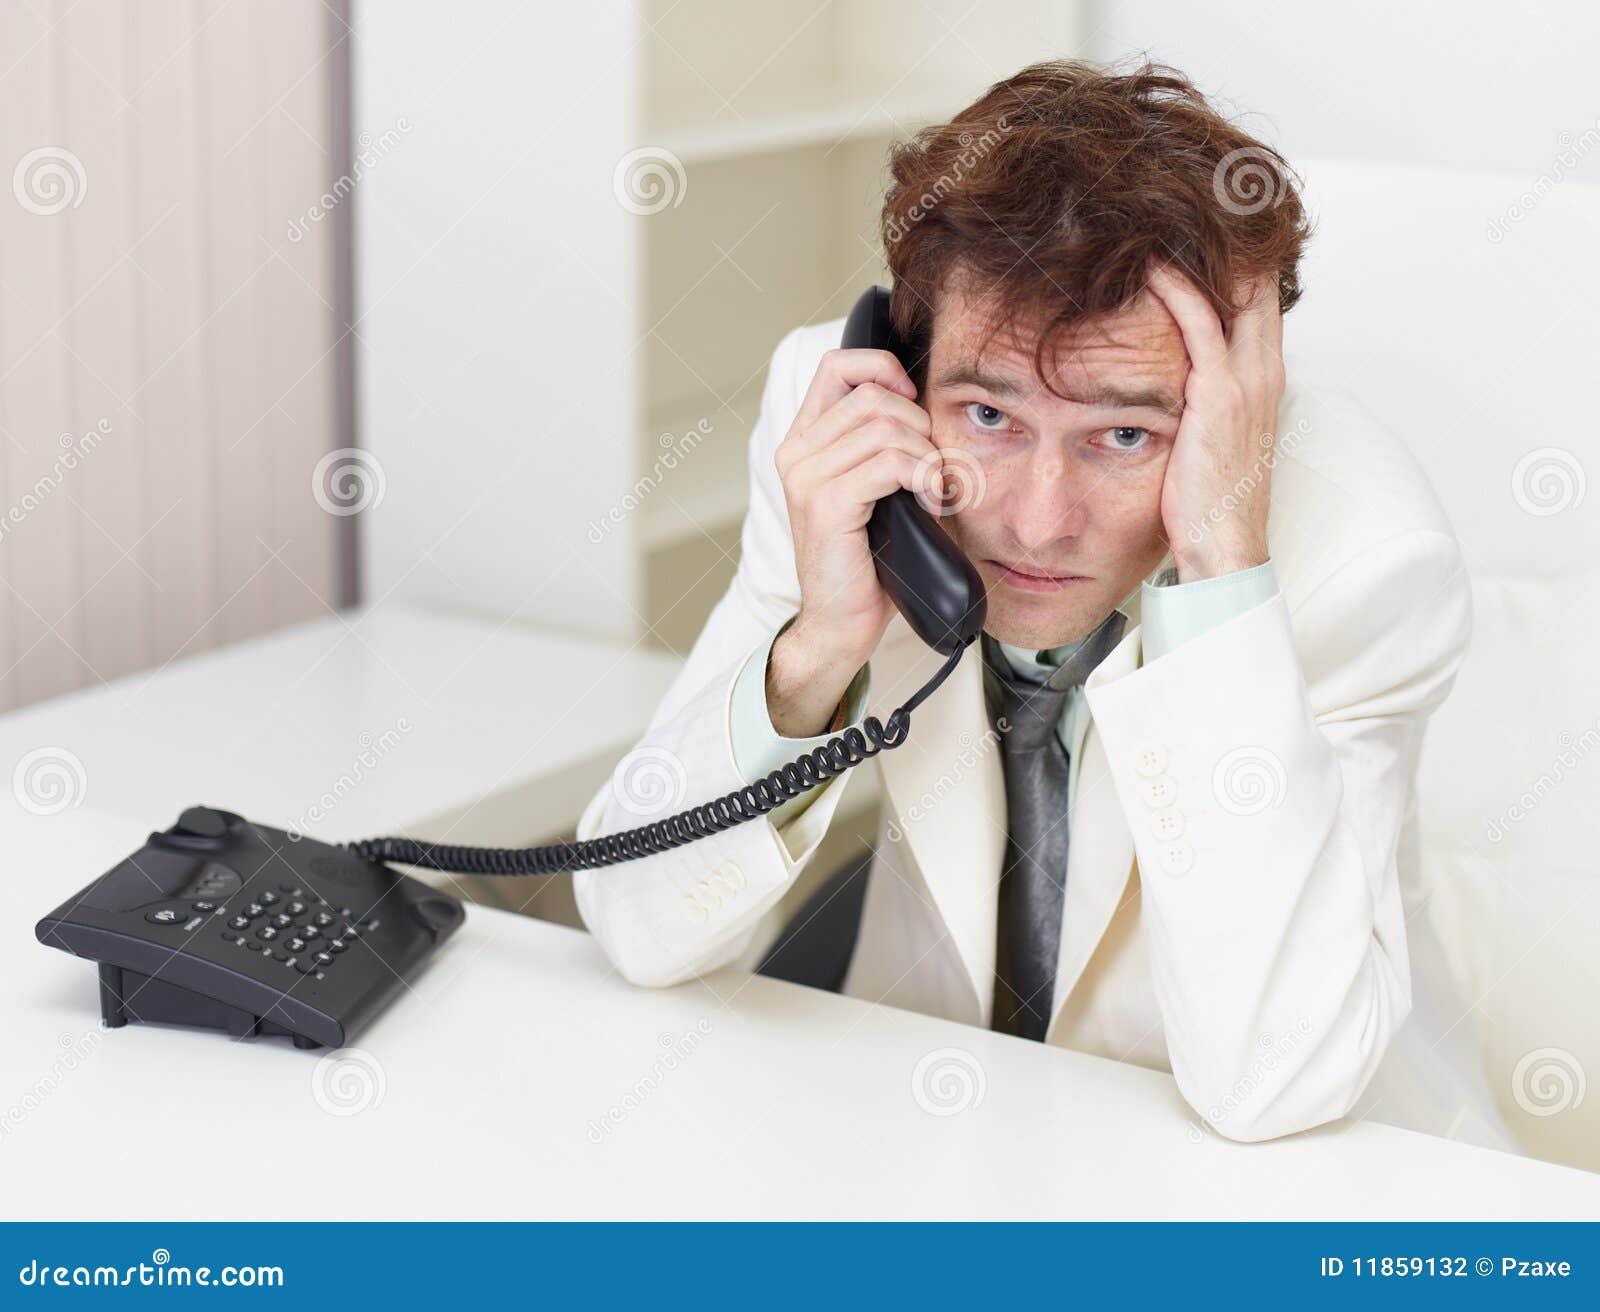 Разговаривает с мужем по телефону 3 фотография